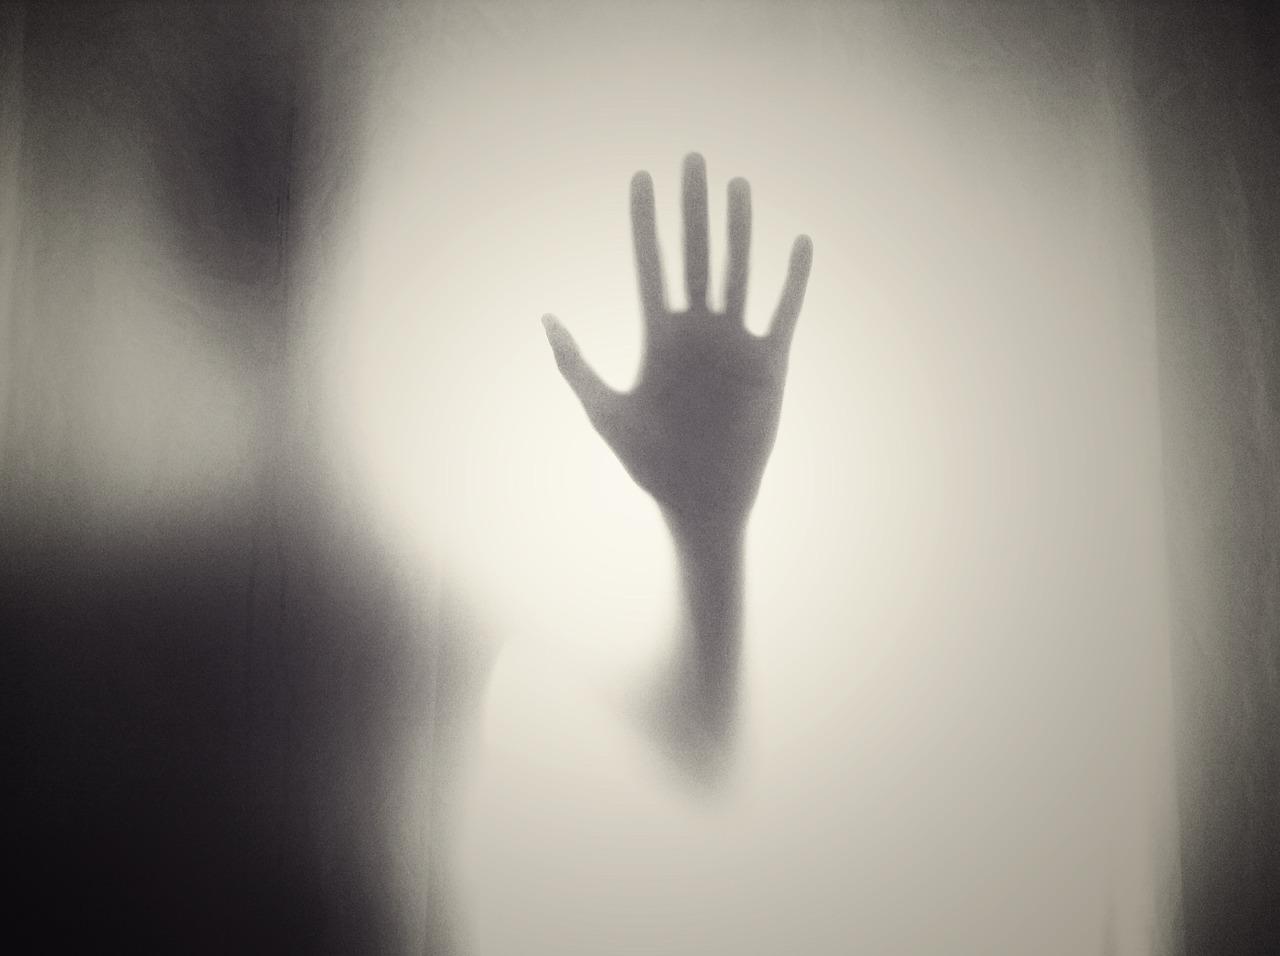 Przerażający syndrom obcej ręki - co to takiego?